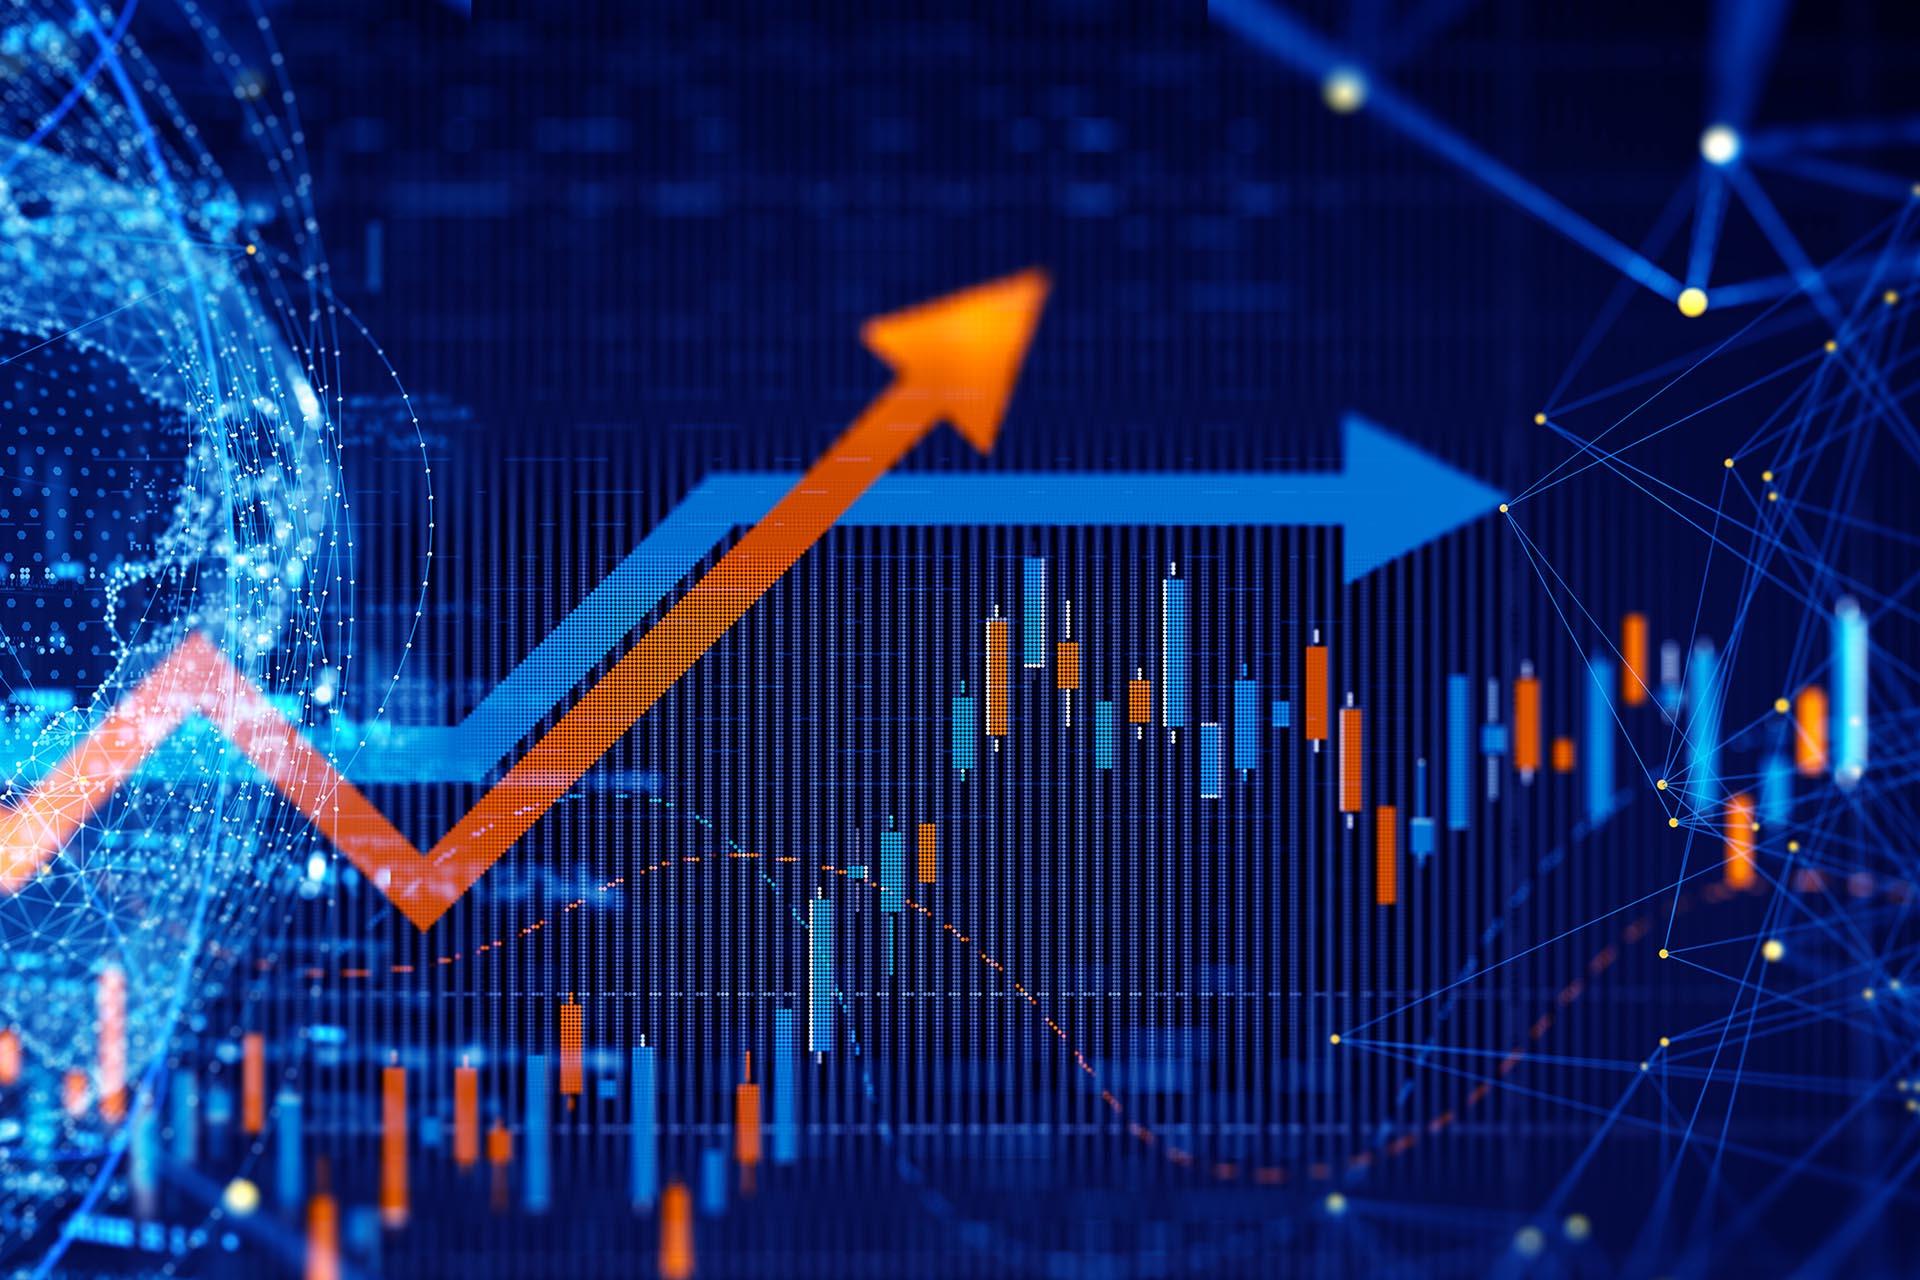 Phân tích Tổng hợp Thị trường Tài chính tuần 20-24/9/2021